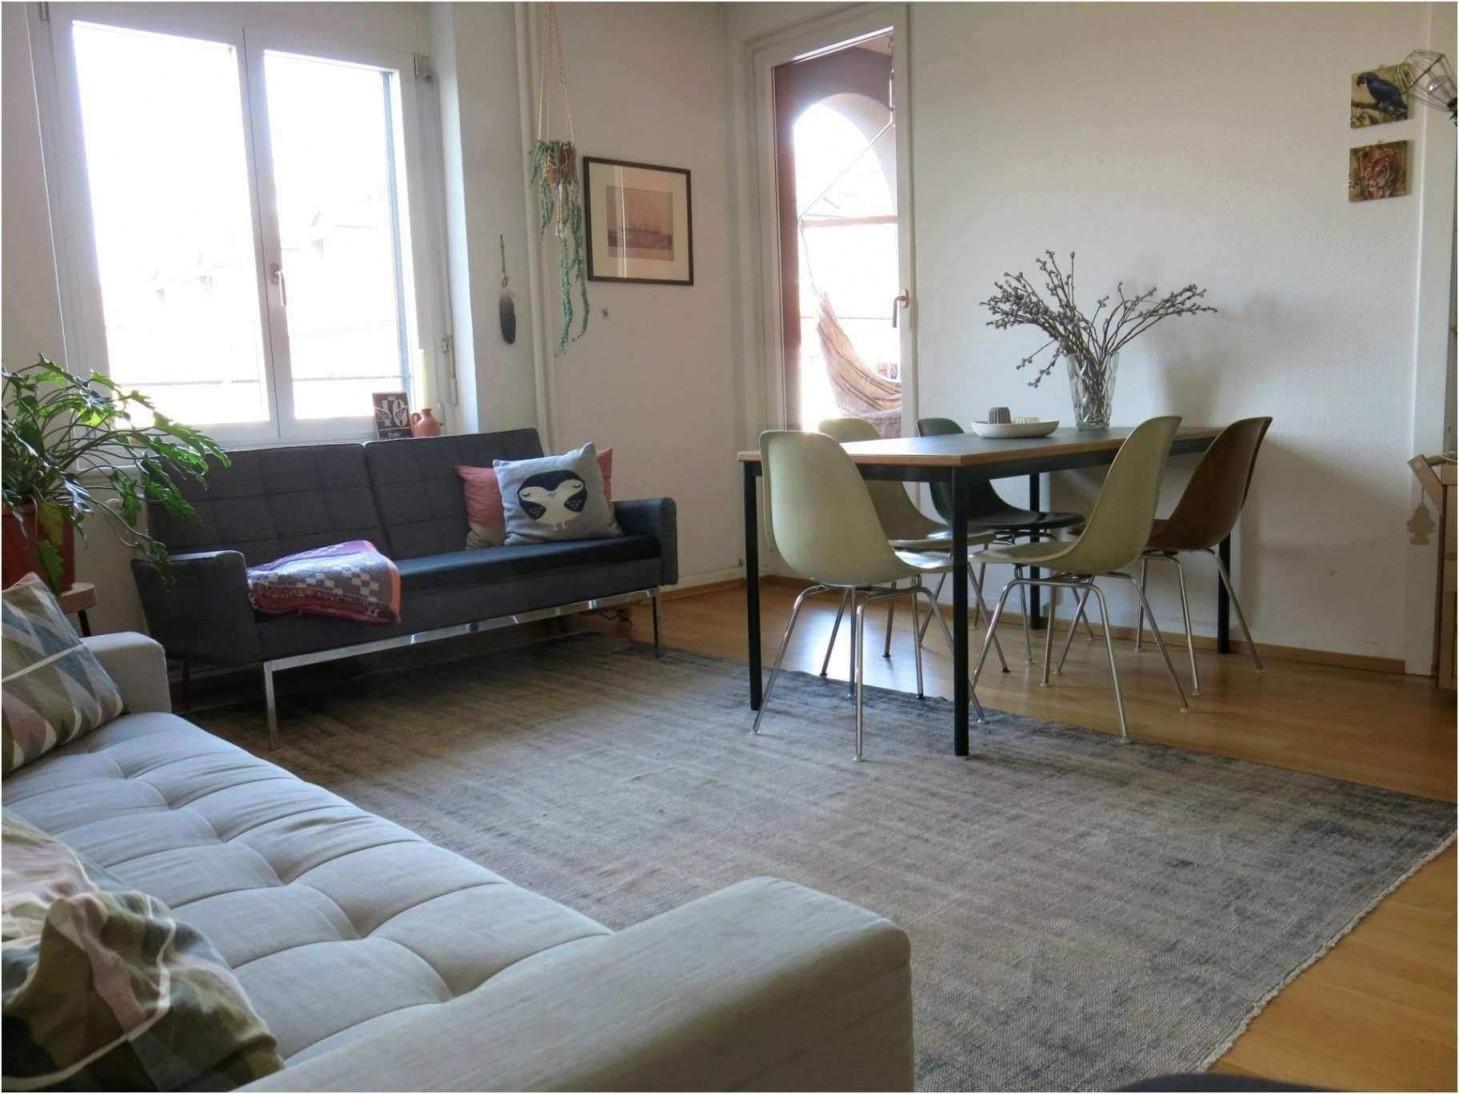 30 Luxus Kleines Wohnzimmer Mit Essbereich Einrichten von Wohnzimmer Mit Essbereich Ideen Bild